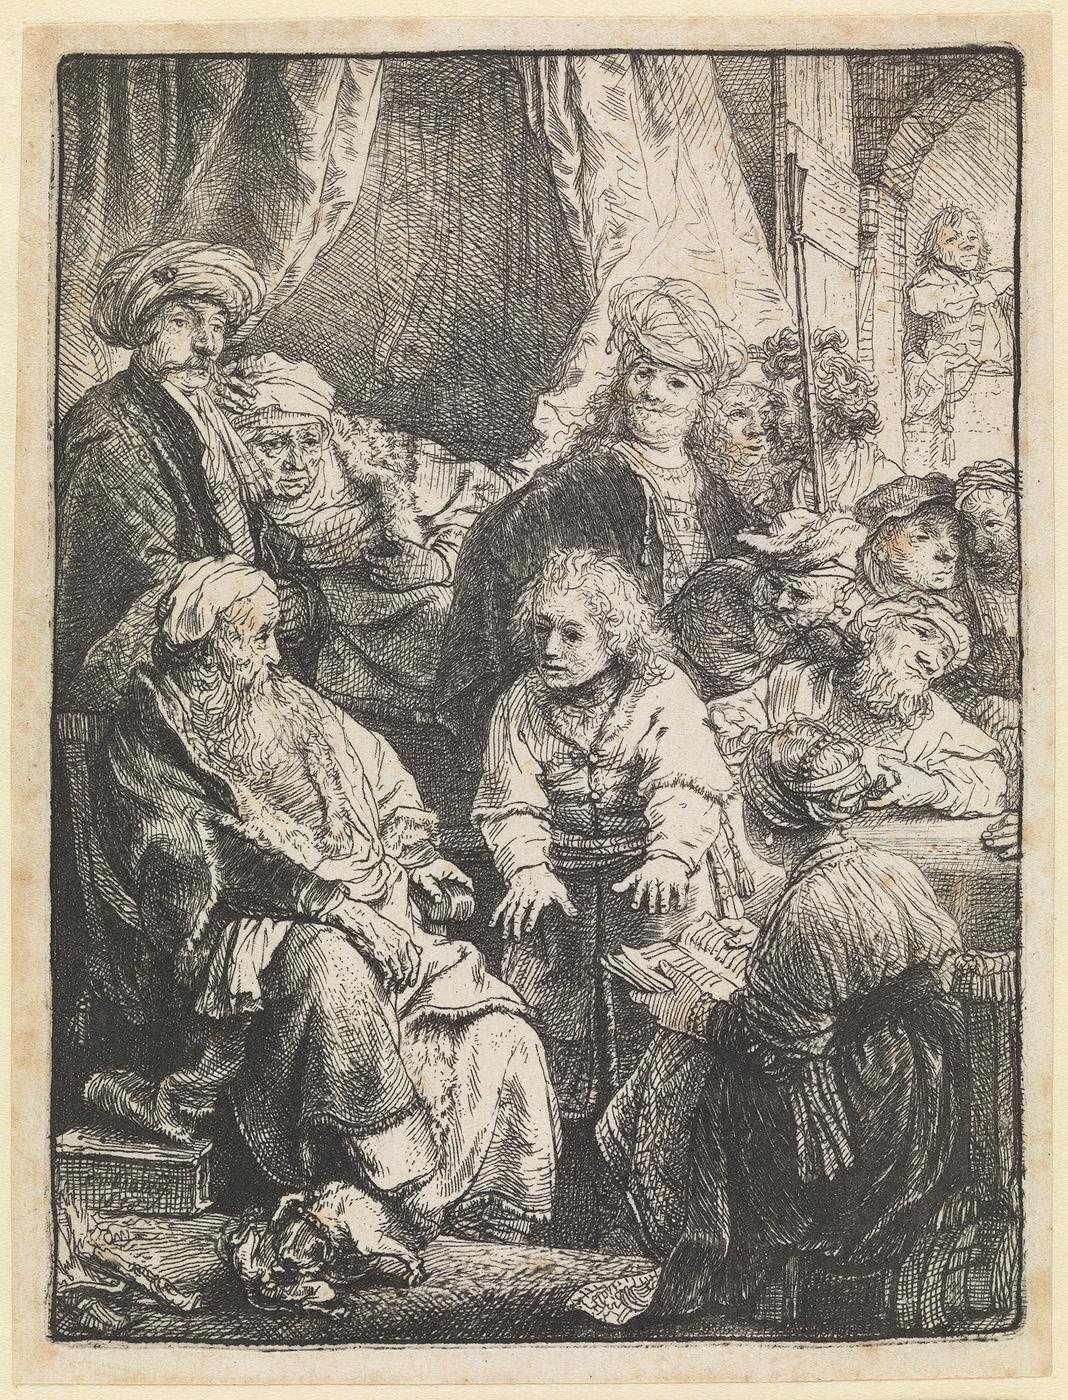 Jozef zijne droomen aan zijne broeders verhalende